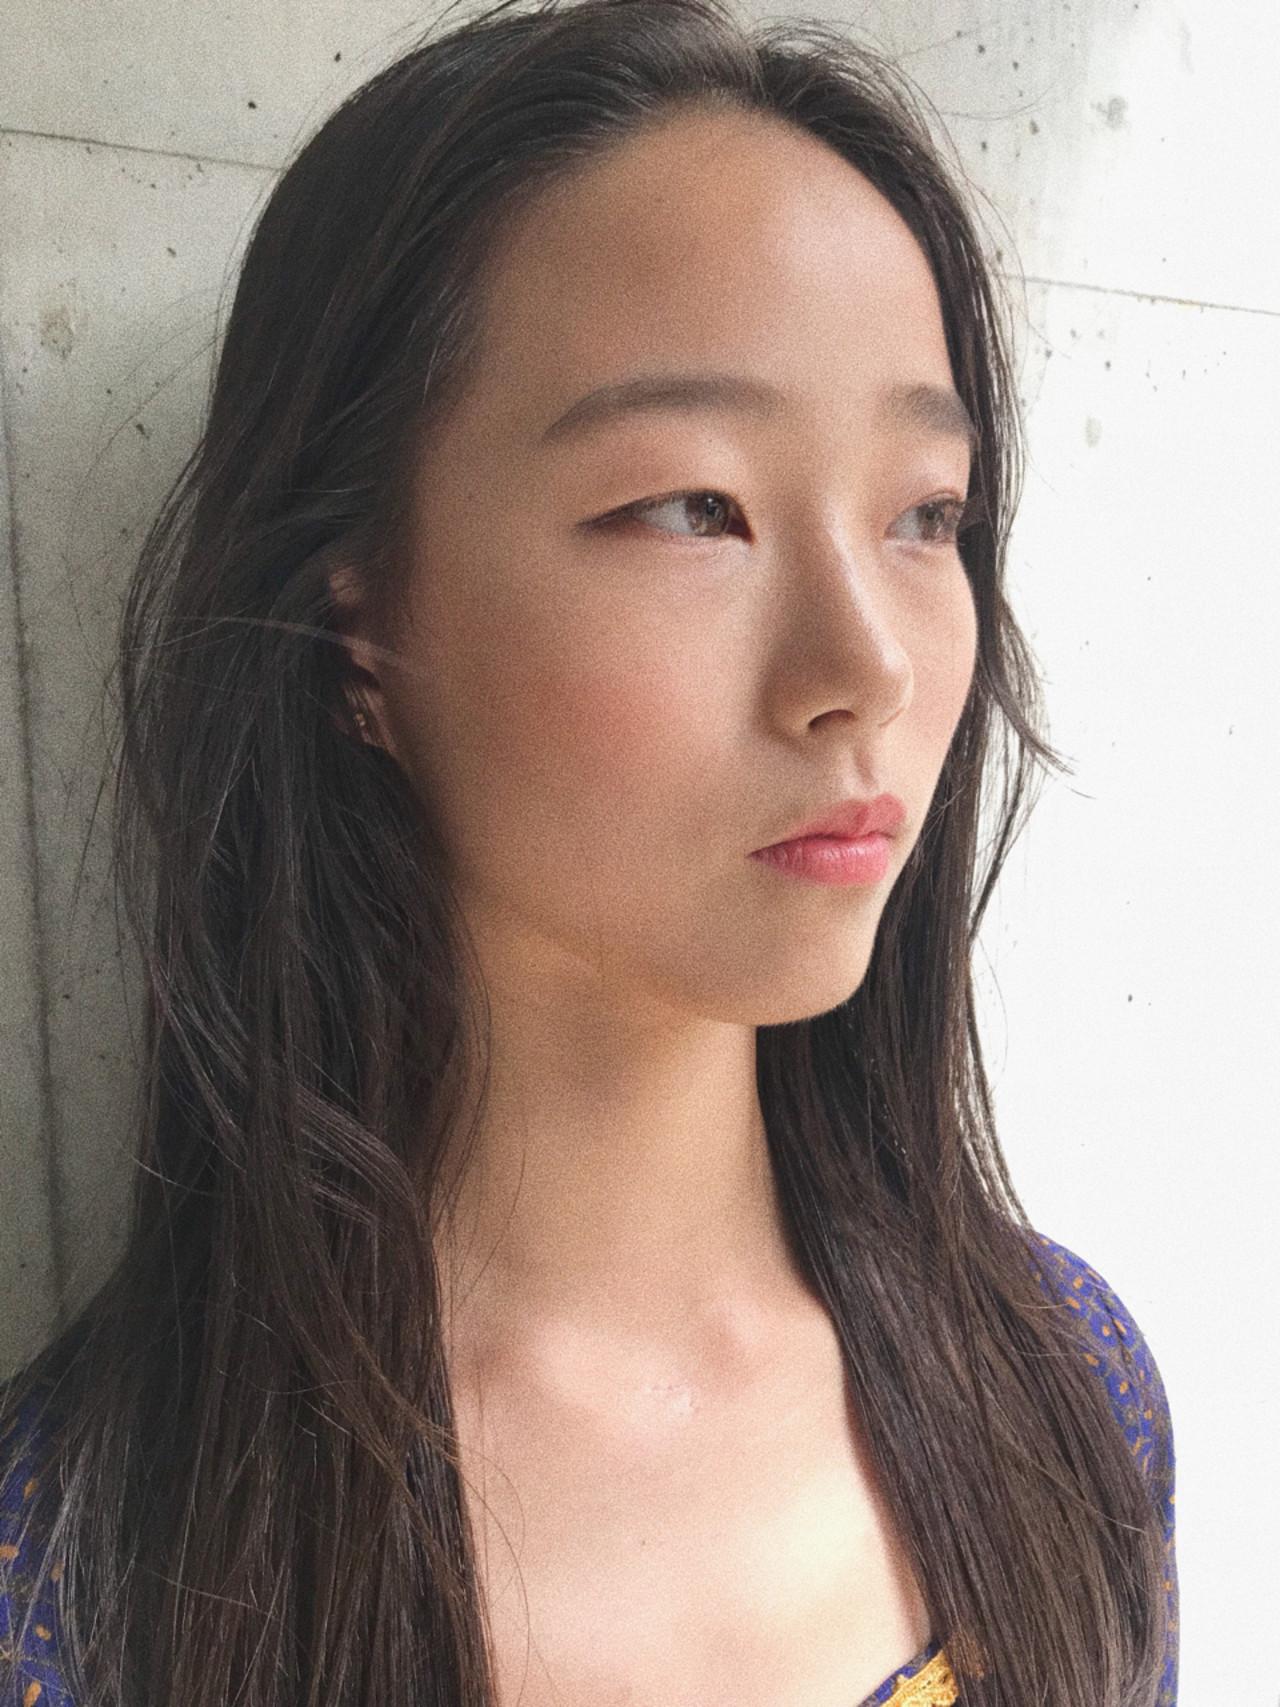 ナチュラル 透明感 モード オフィス ヘアスタイルや髪型の写真・画像